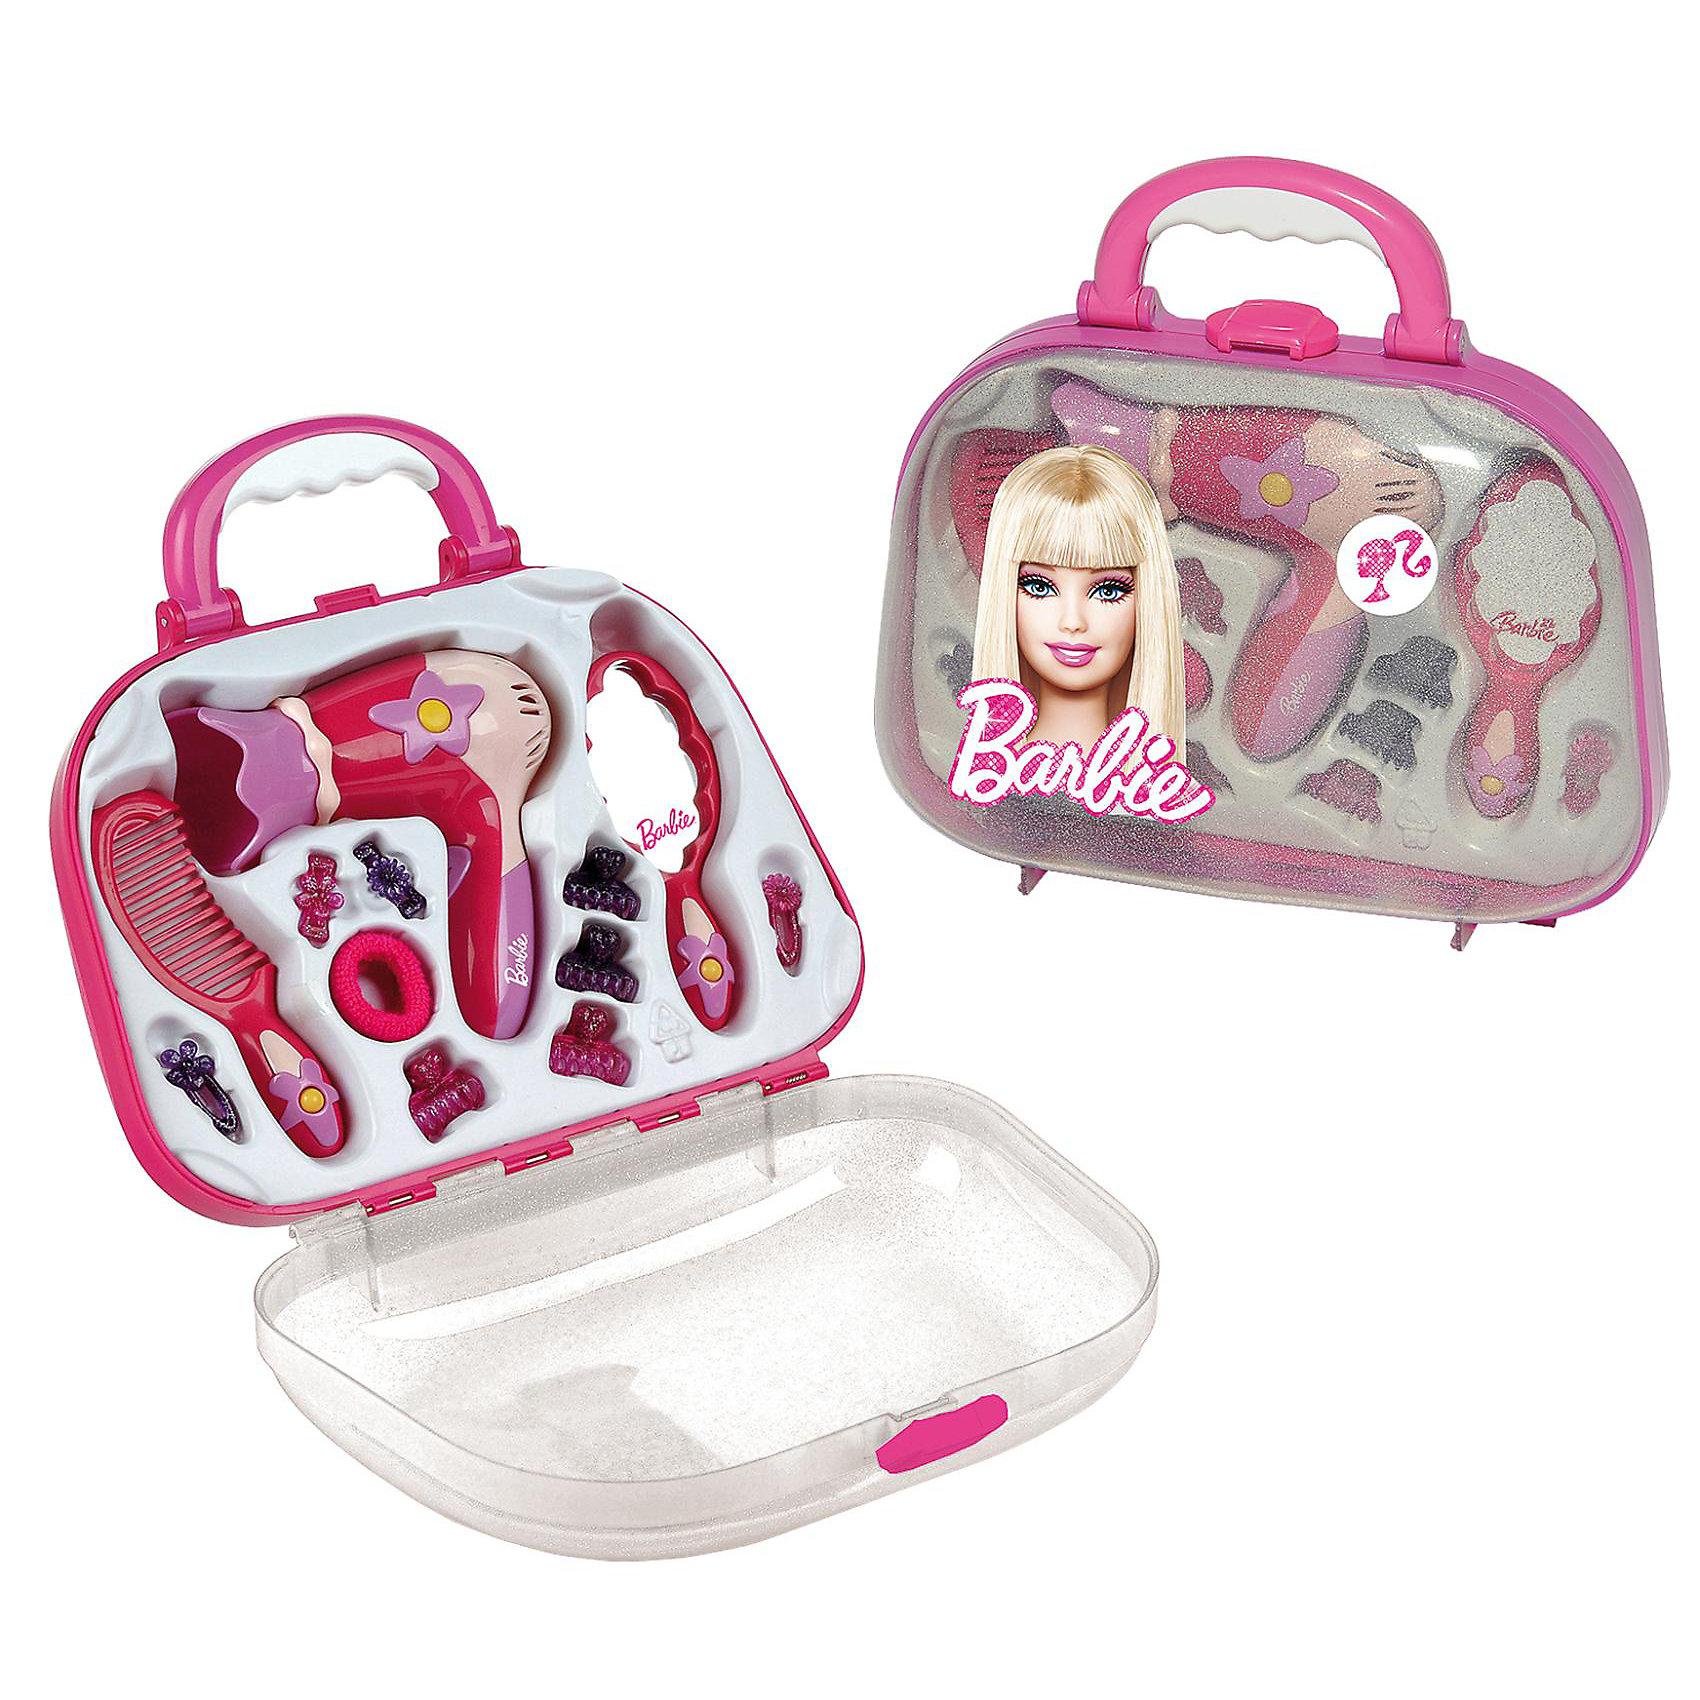 ����� ����������� � ����� Barbie, Klein (klein)